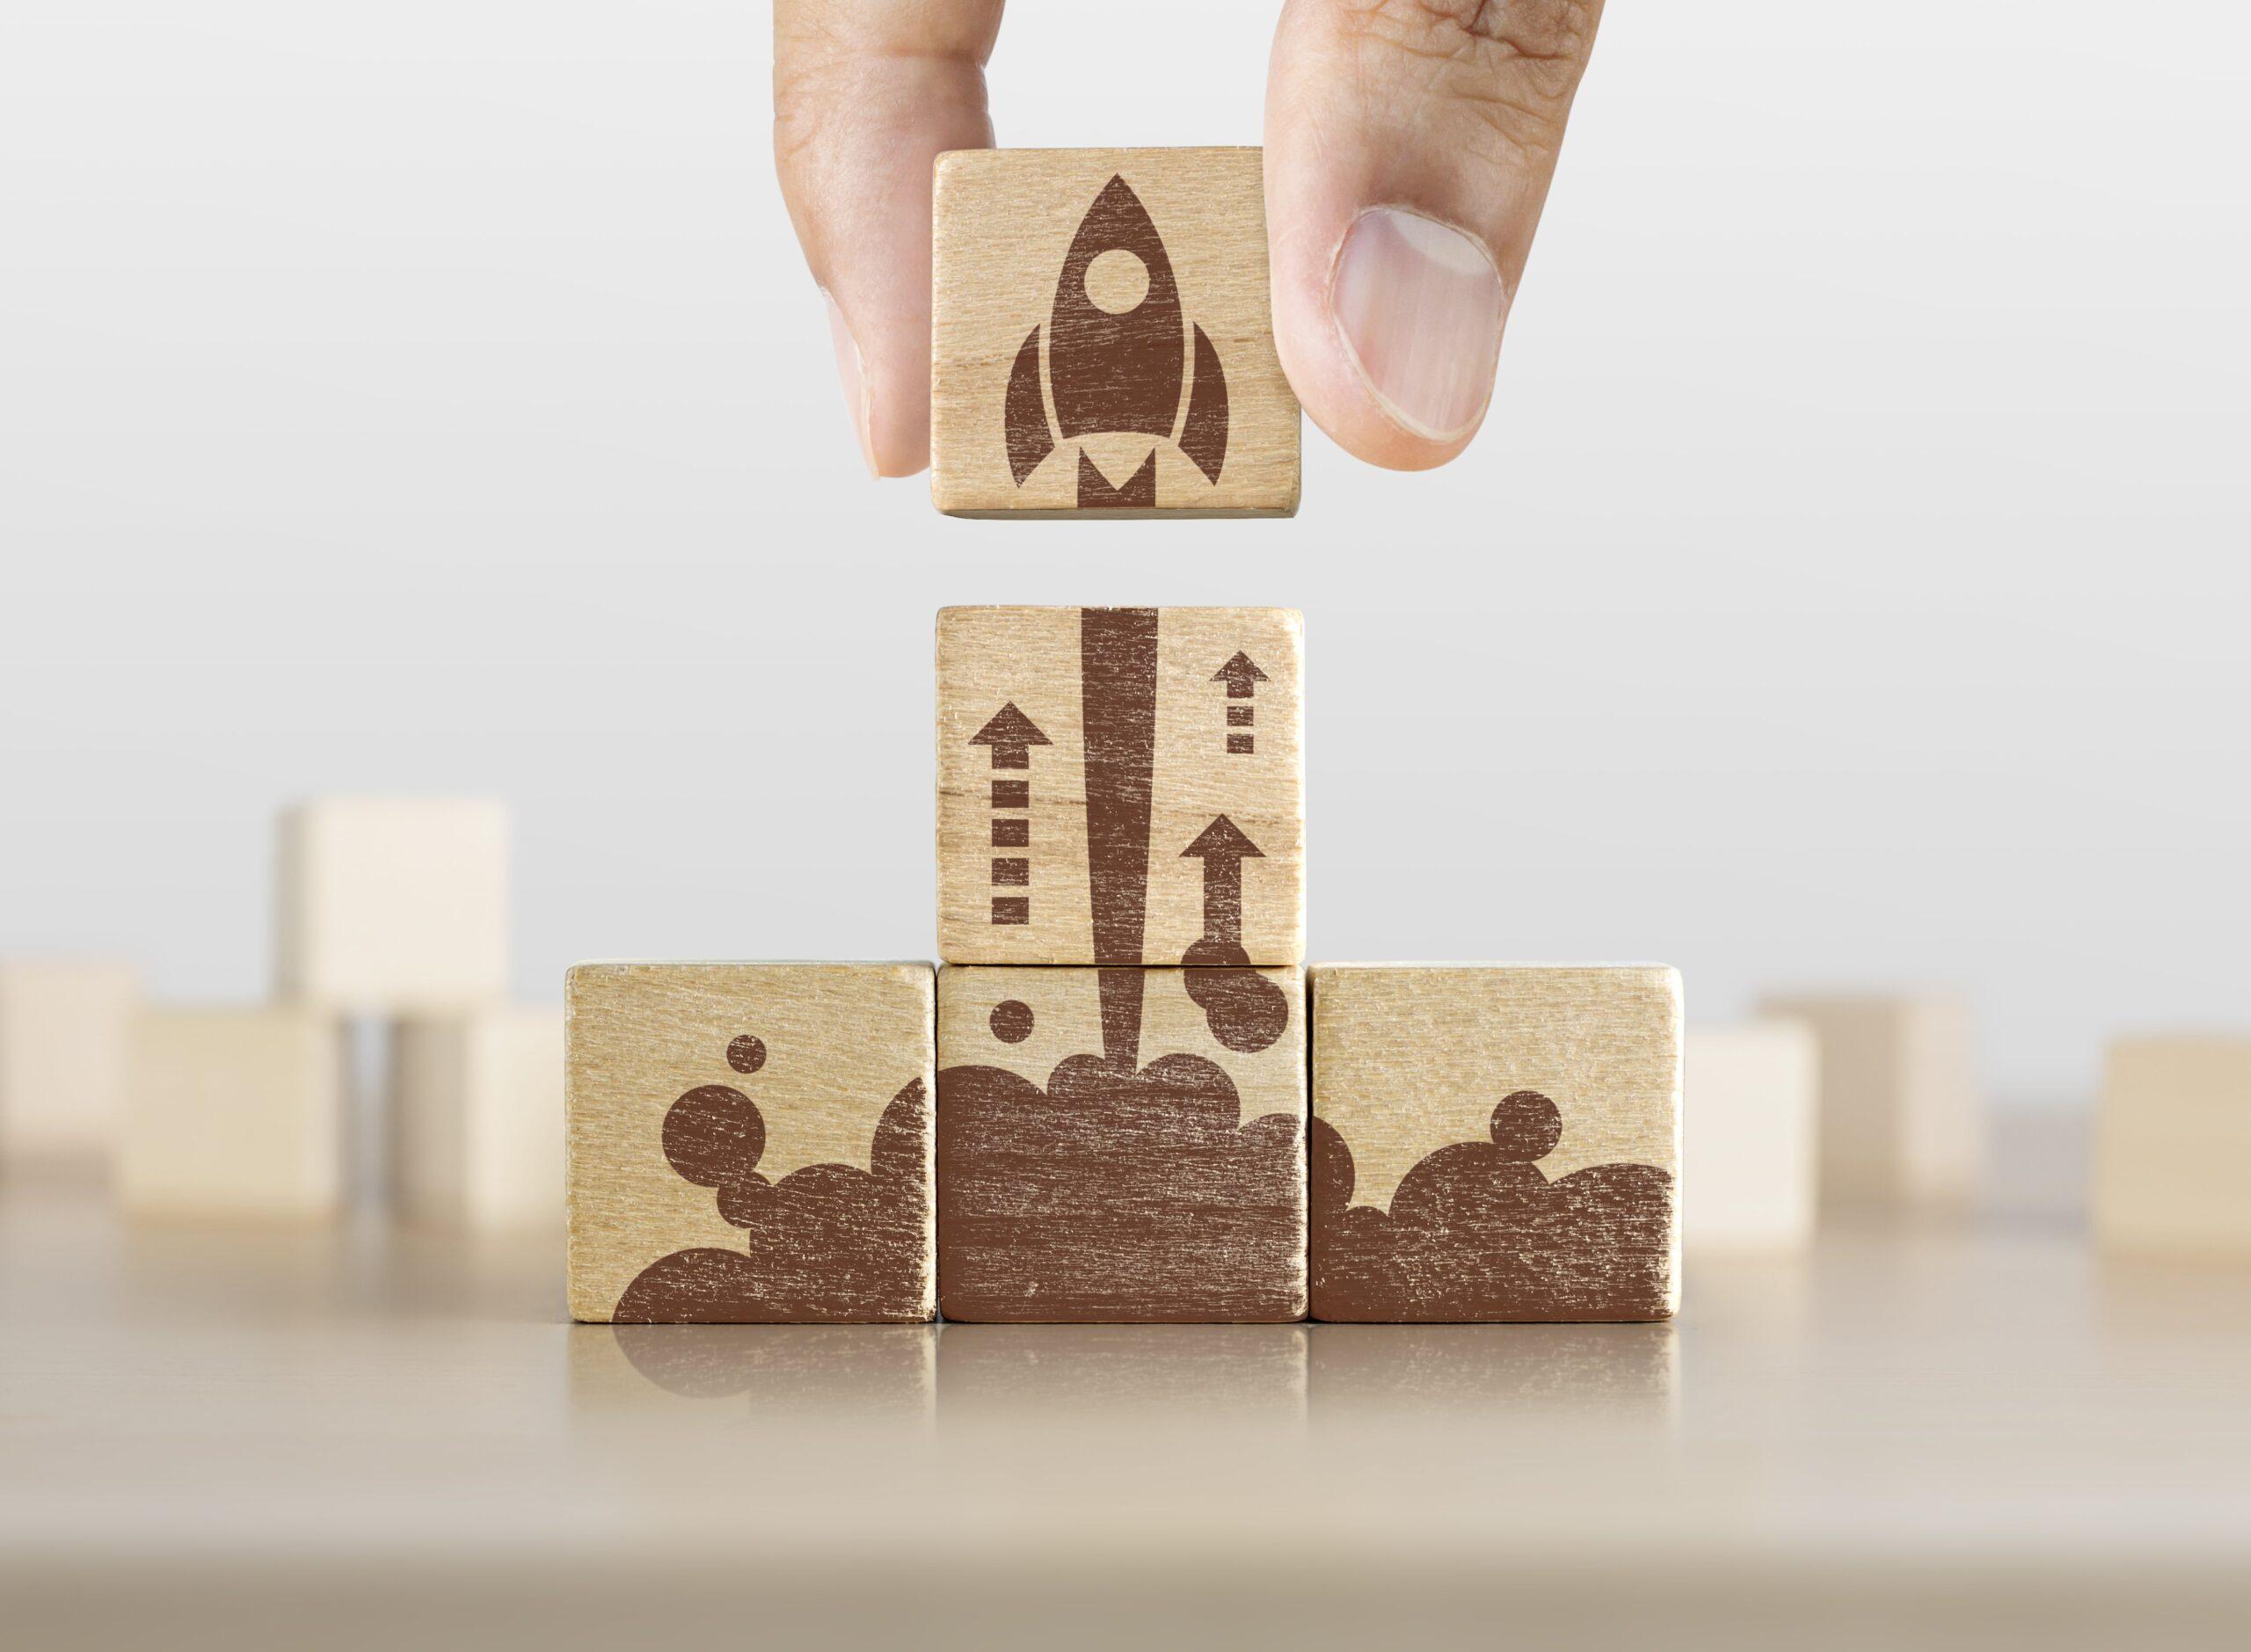 Blocos de madeira com desenho de foguete decolando.